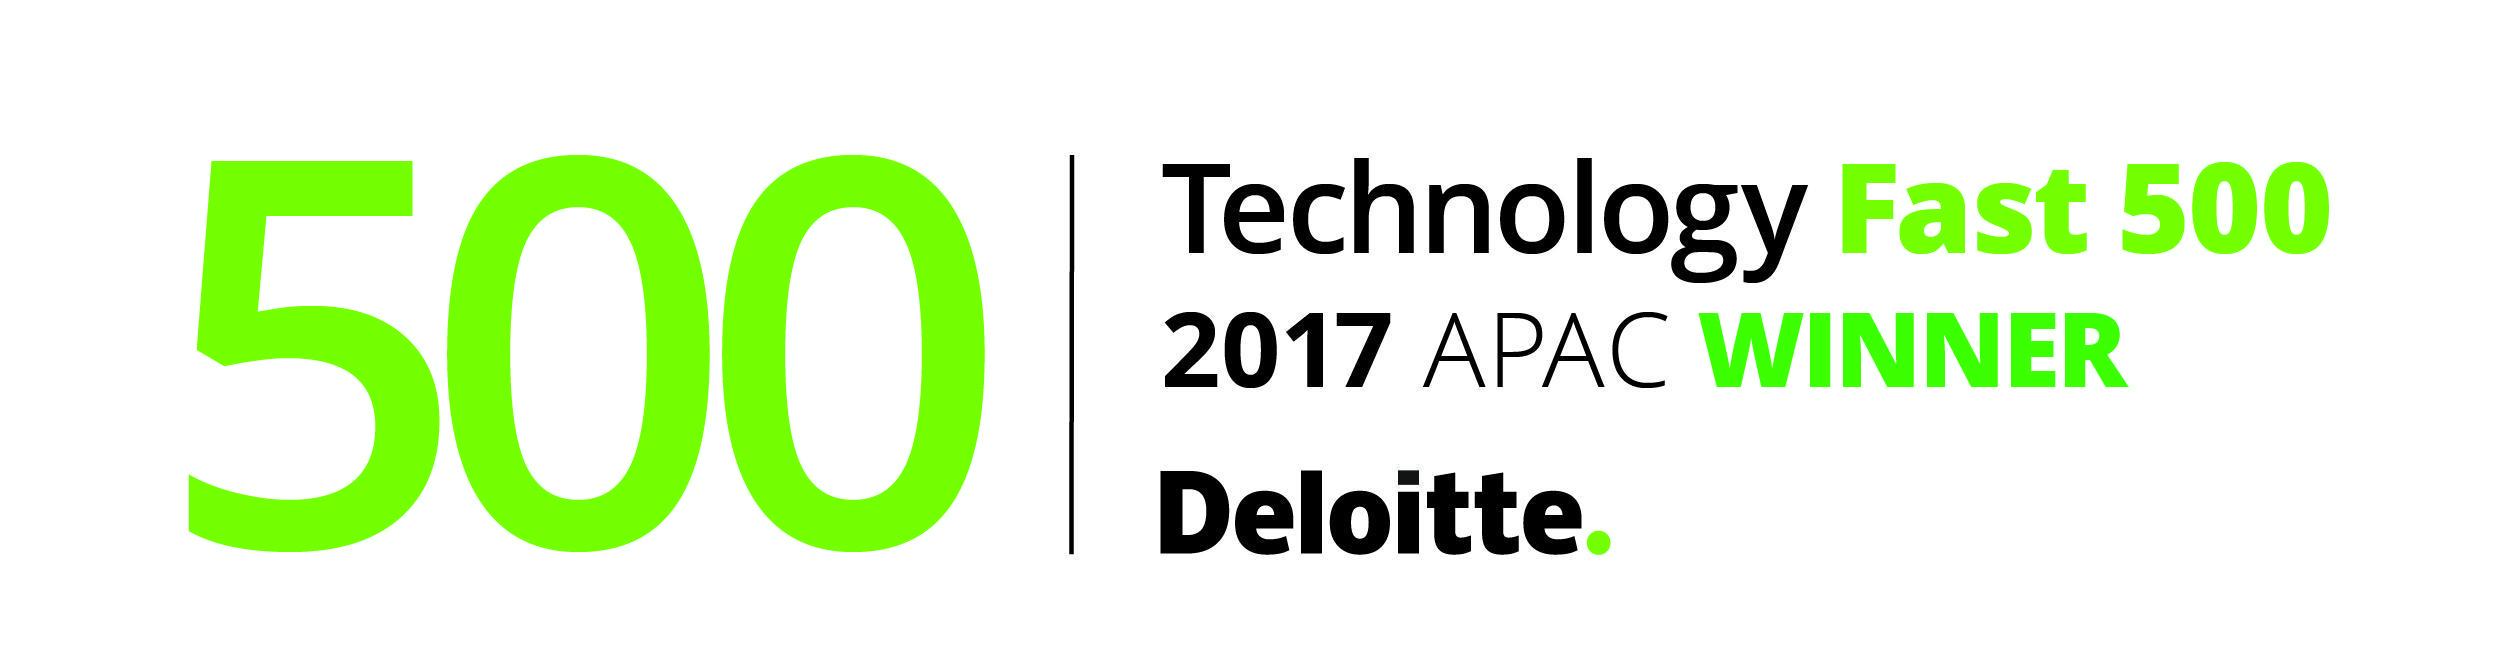 Deloitte Fast500 Winner APAC_300dpi.jpg